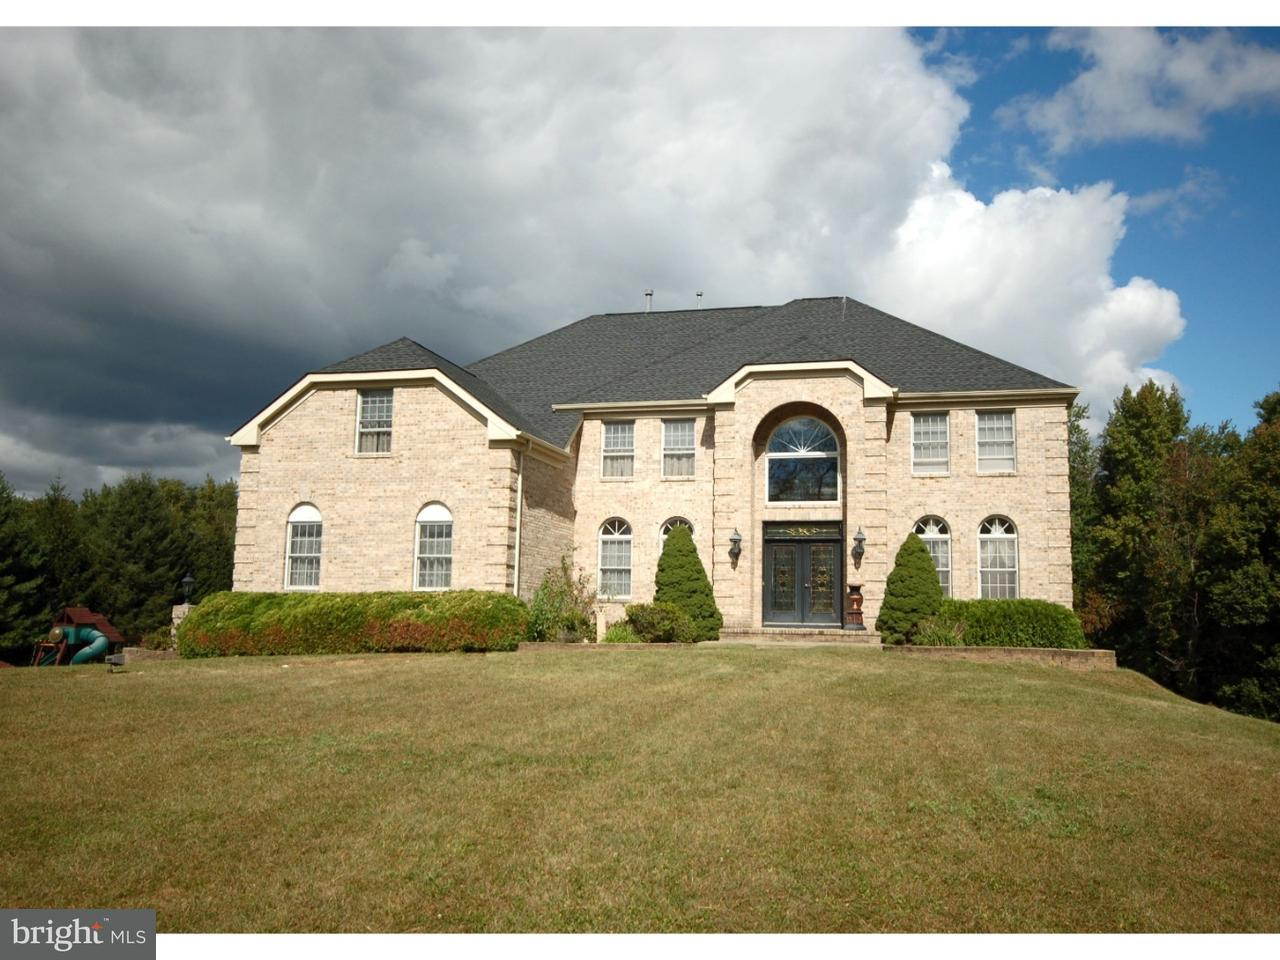 Maison unifamiliale pour l Vente à 2 YEGER Drive Allentown, New Jersey 08501 États-UnisDans/Autour: Upper Freehold Township